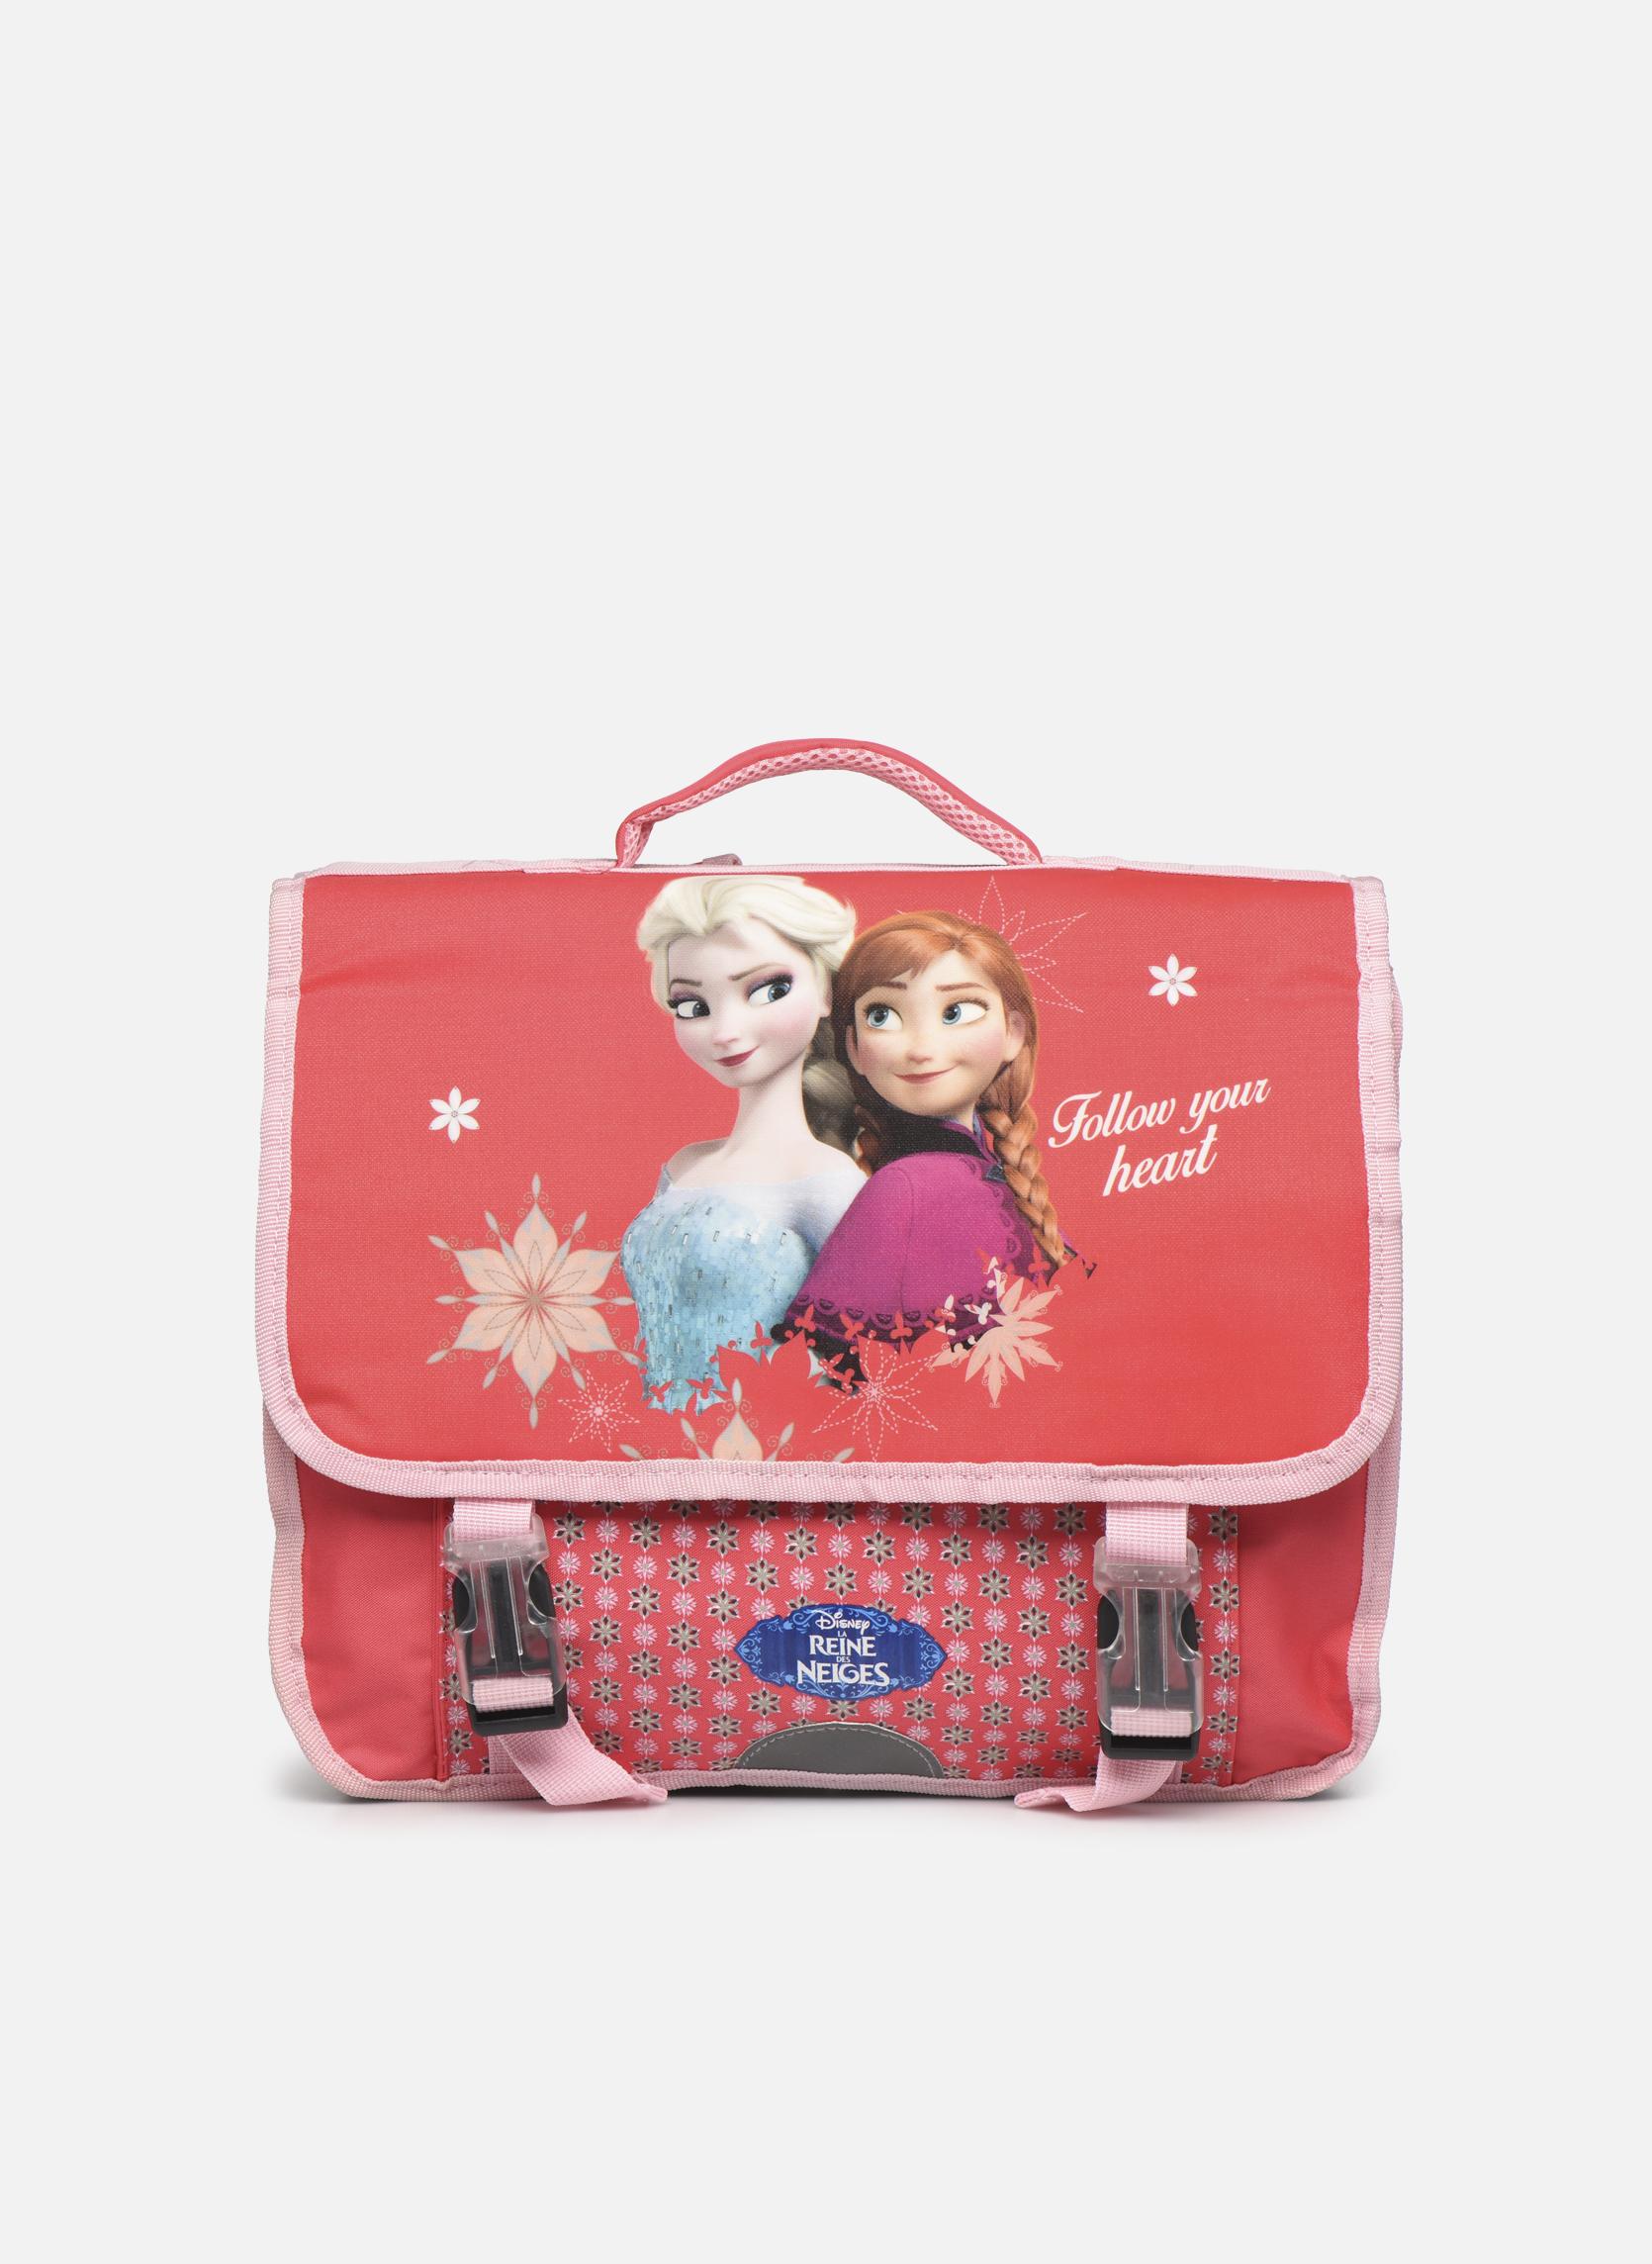 School bags Bags Cartable 38cm Reine des neiges